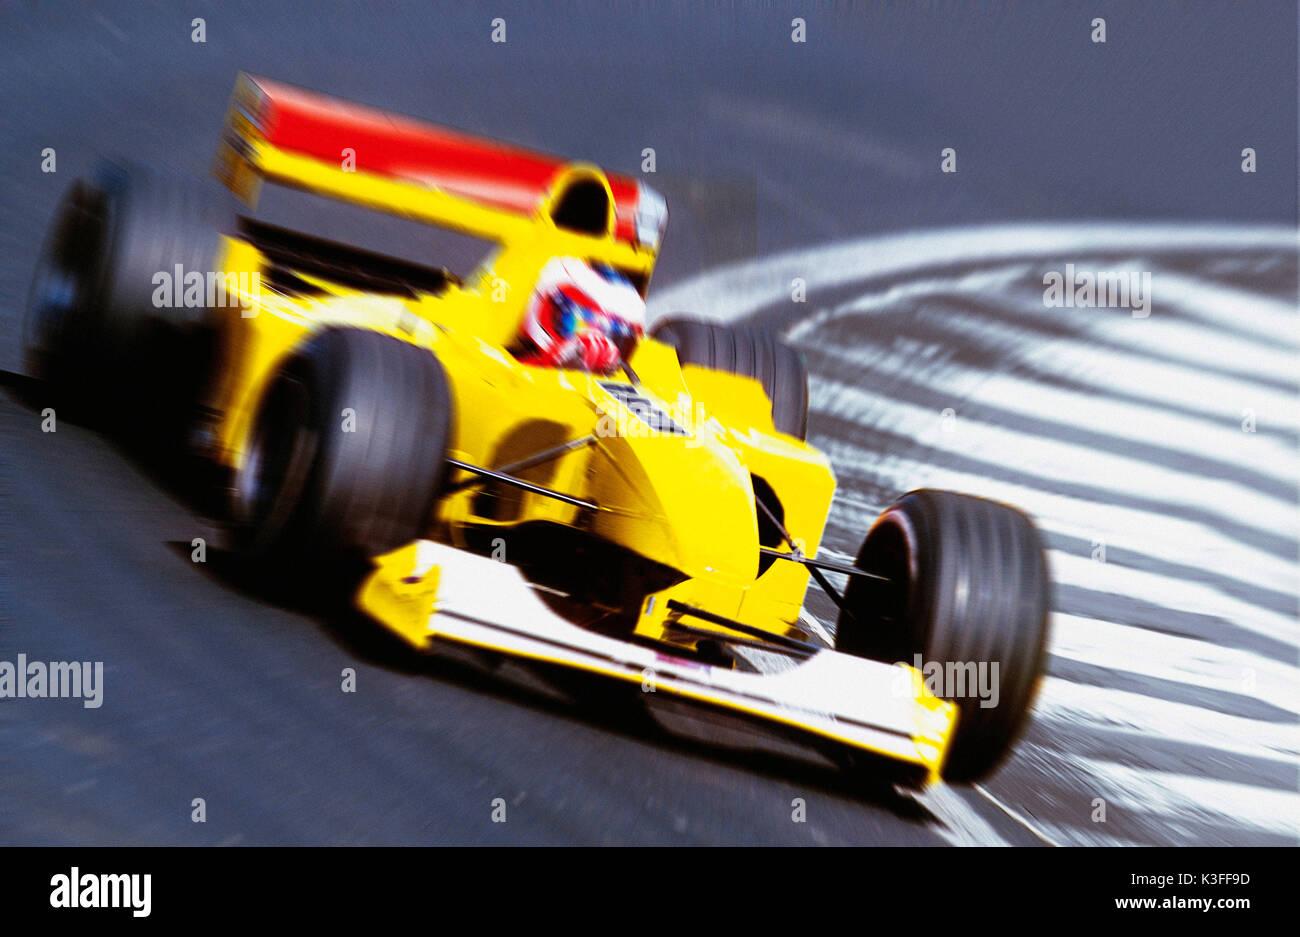 Formula one car racing - Stock Image